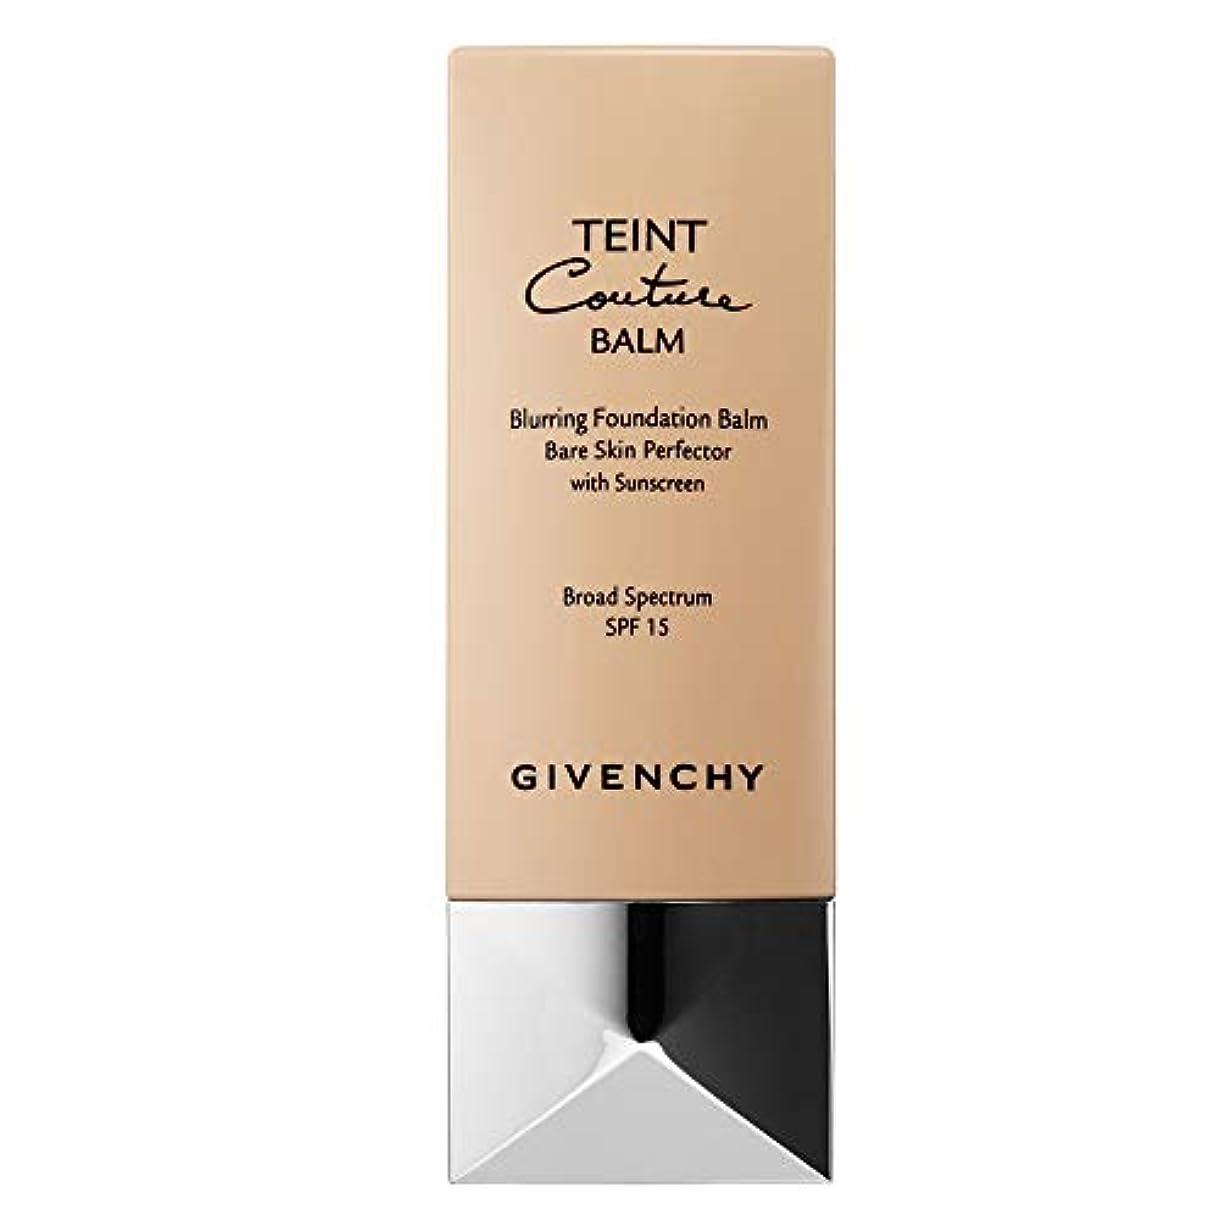 覚えているミンチ人類ジバンシィ Teint Couture Blurring Foundation Balm SPF 15 - # 1 Nude Porcelain 30ml/1oz並行輸入品